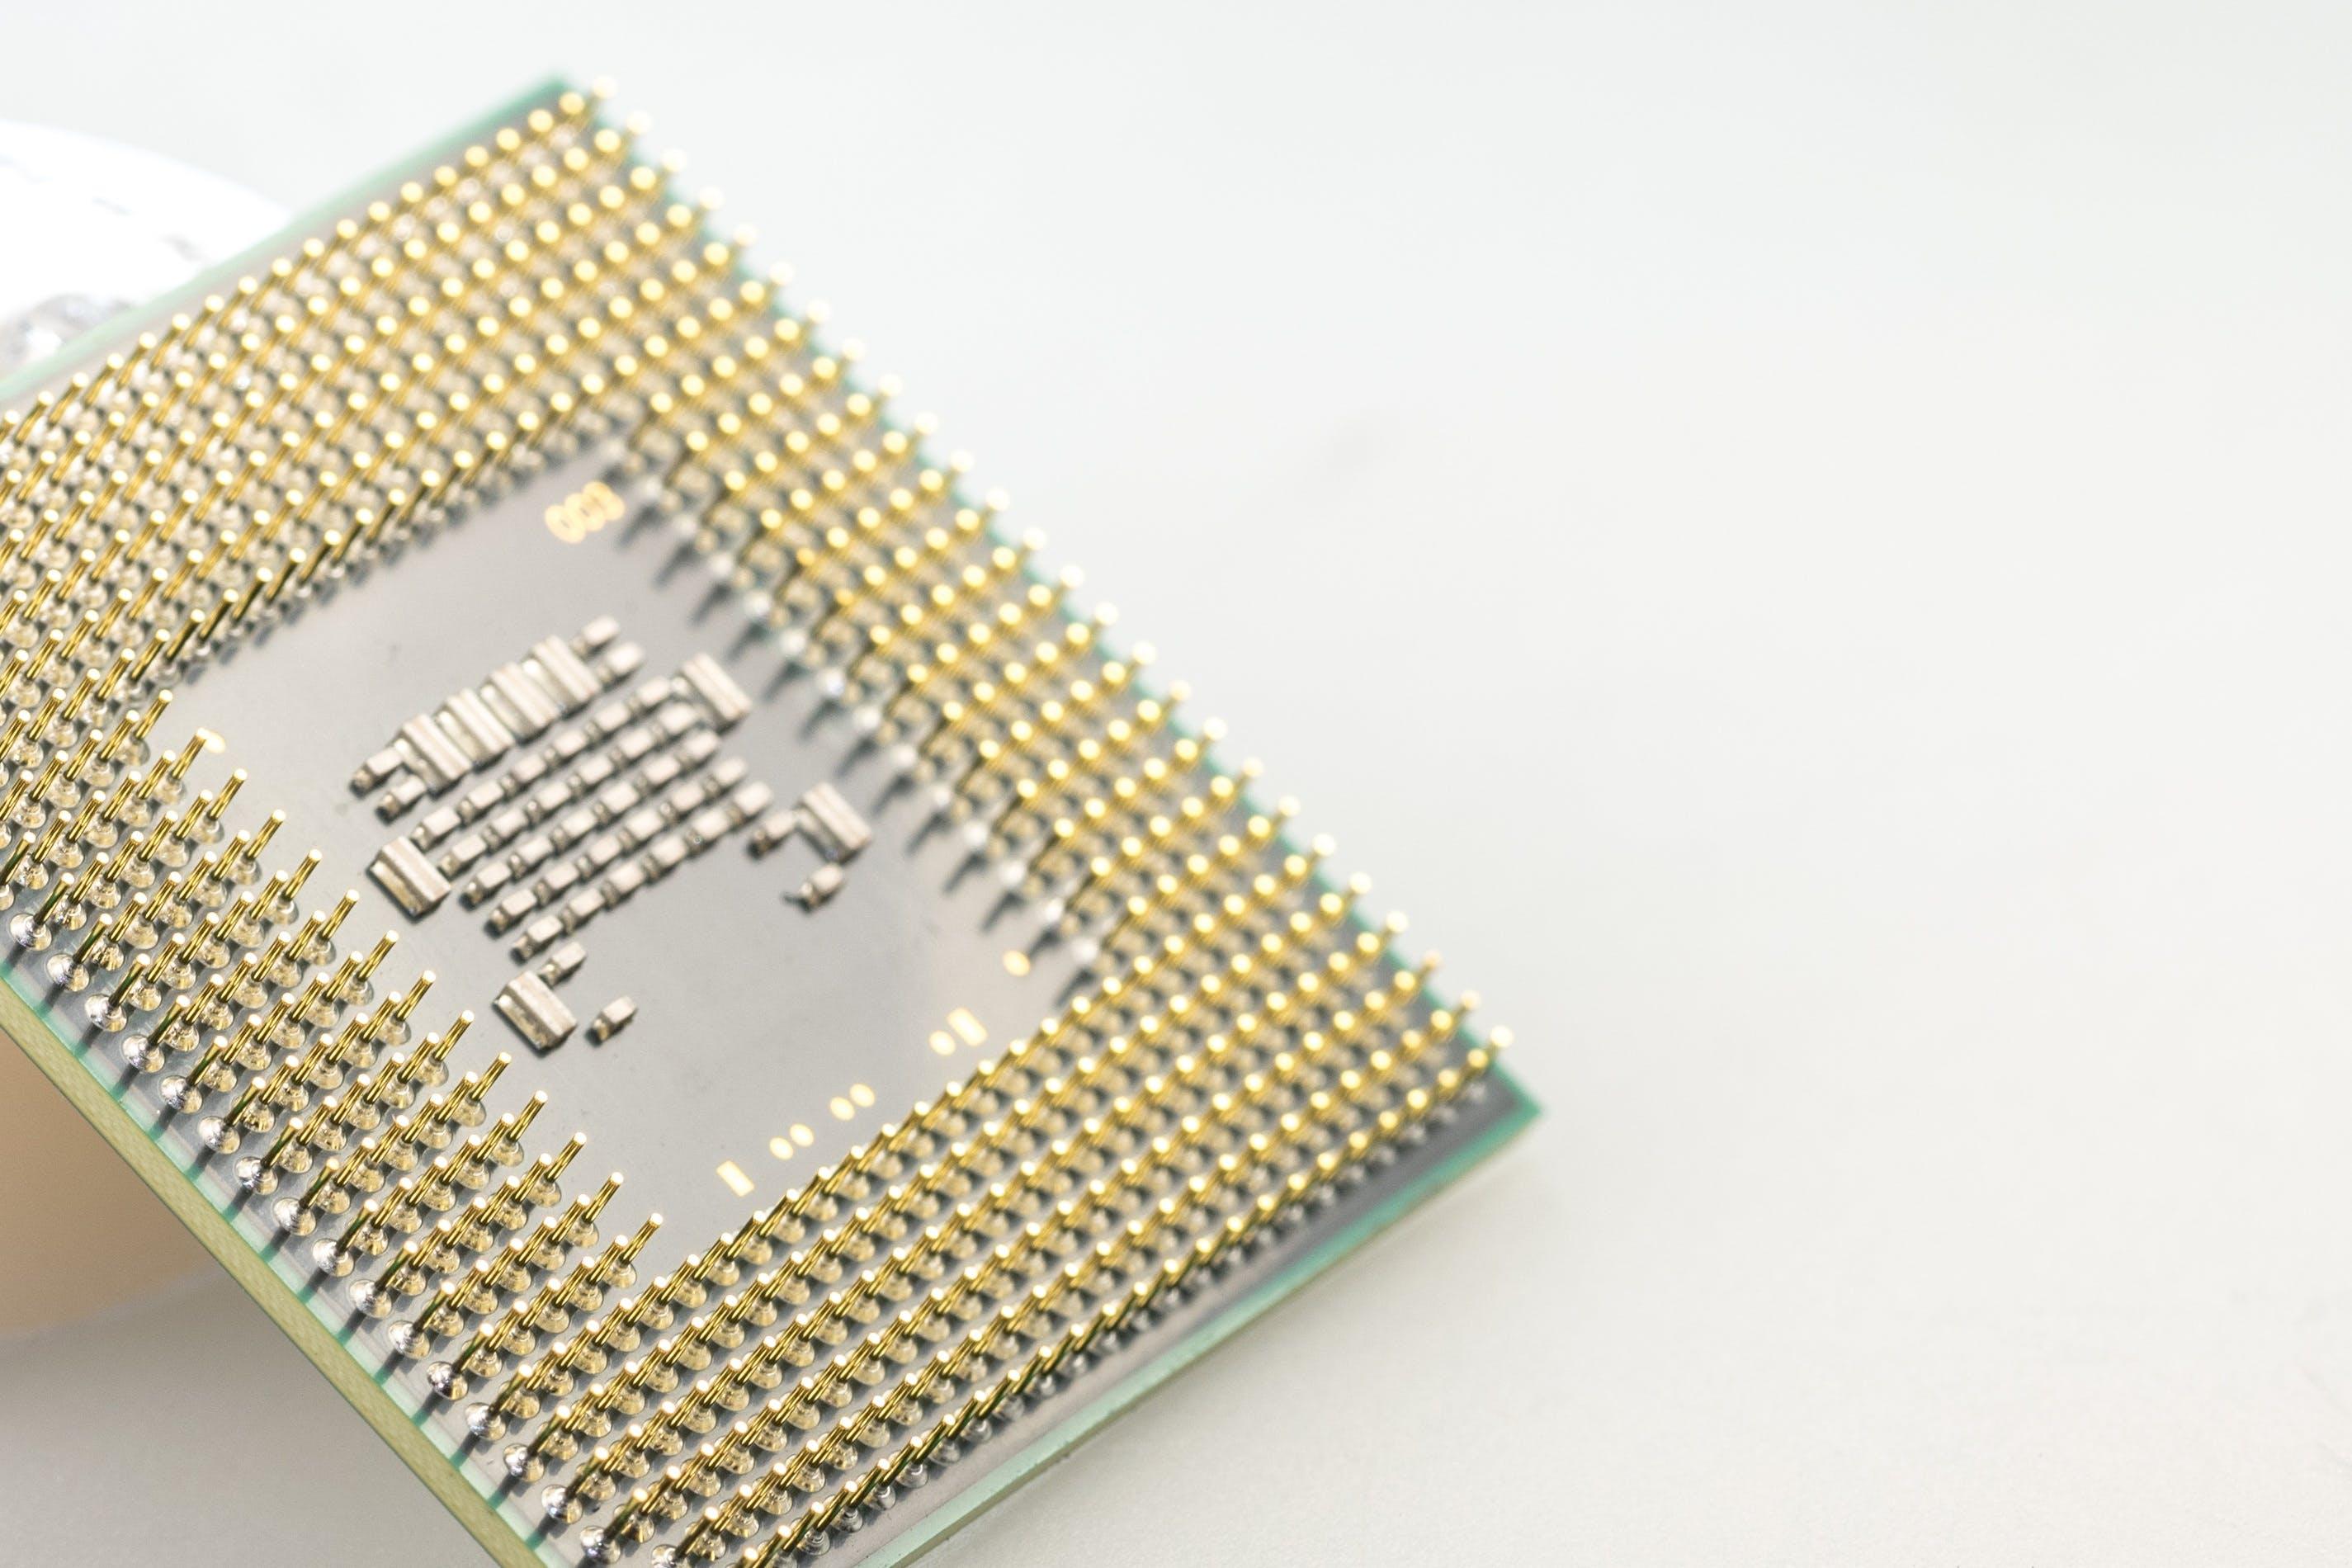 Kostenloses Stock Foto zu brett, chip, computer, daten